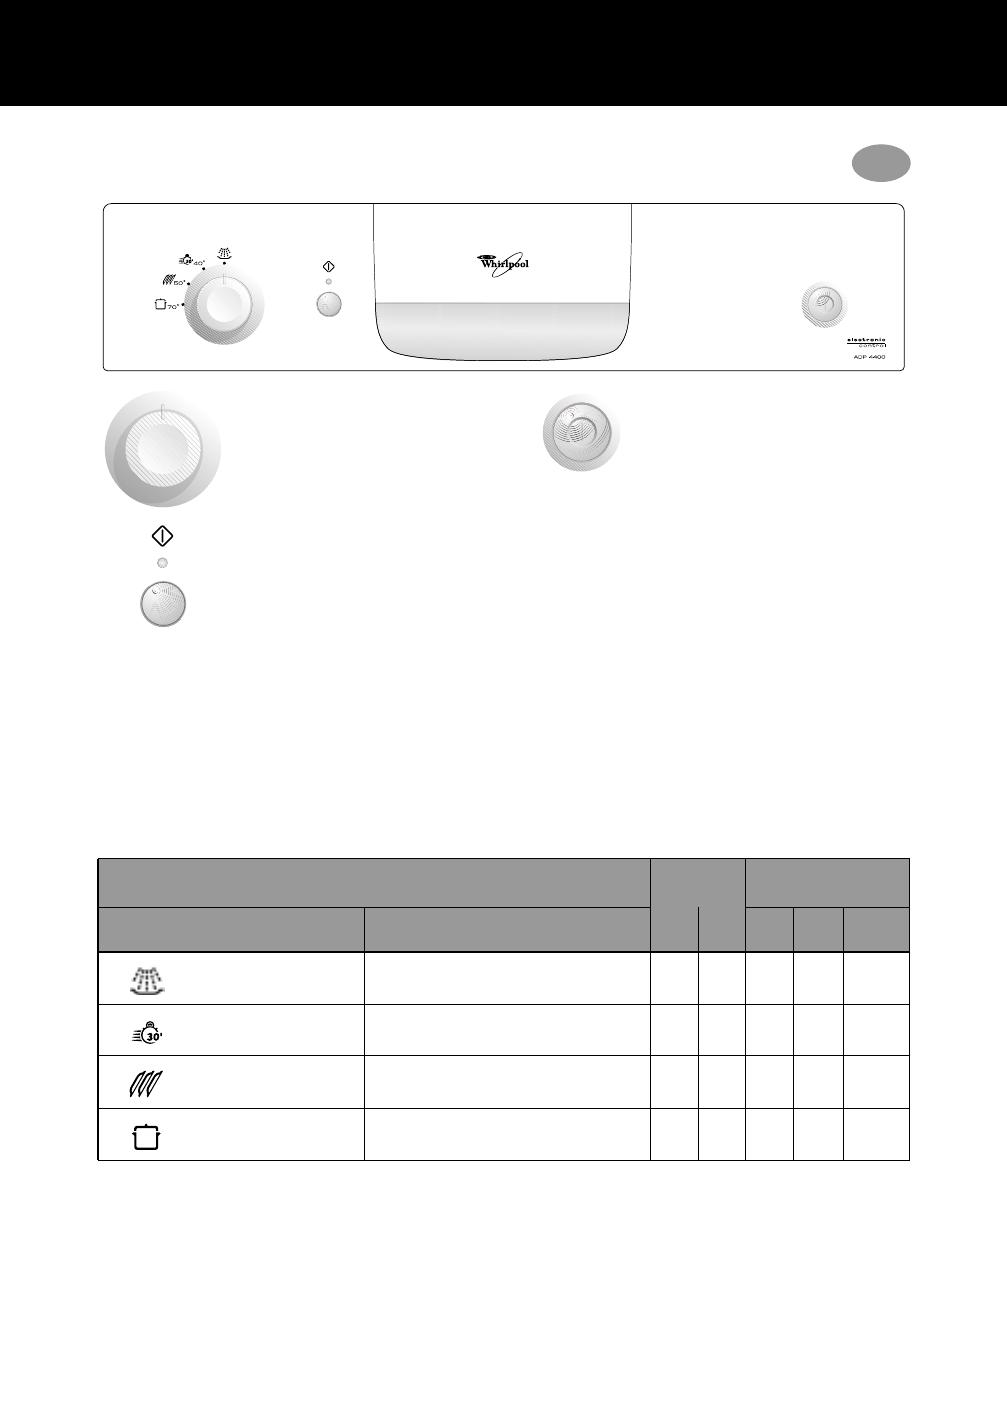 bedienungsanleitung whirlpool adp 4400 wh seite 1 von 4. Black Bedroom Furniture Sets. Home Design Ideas